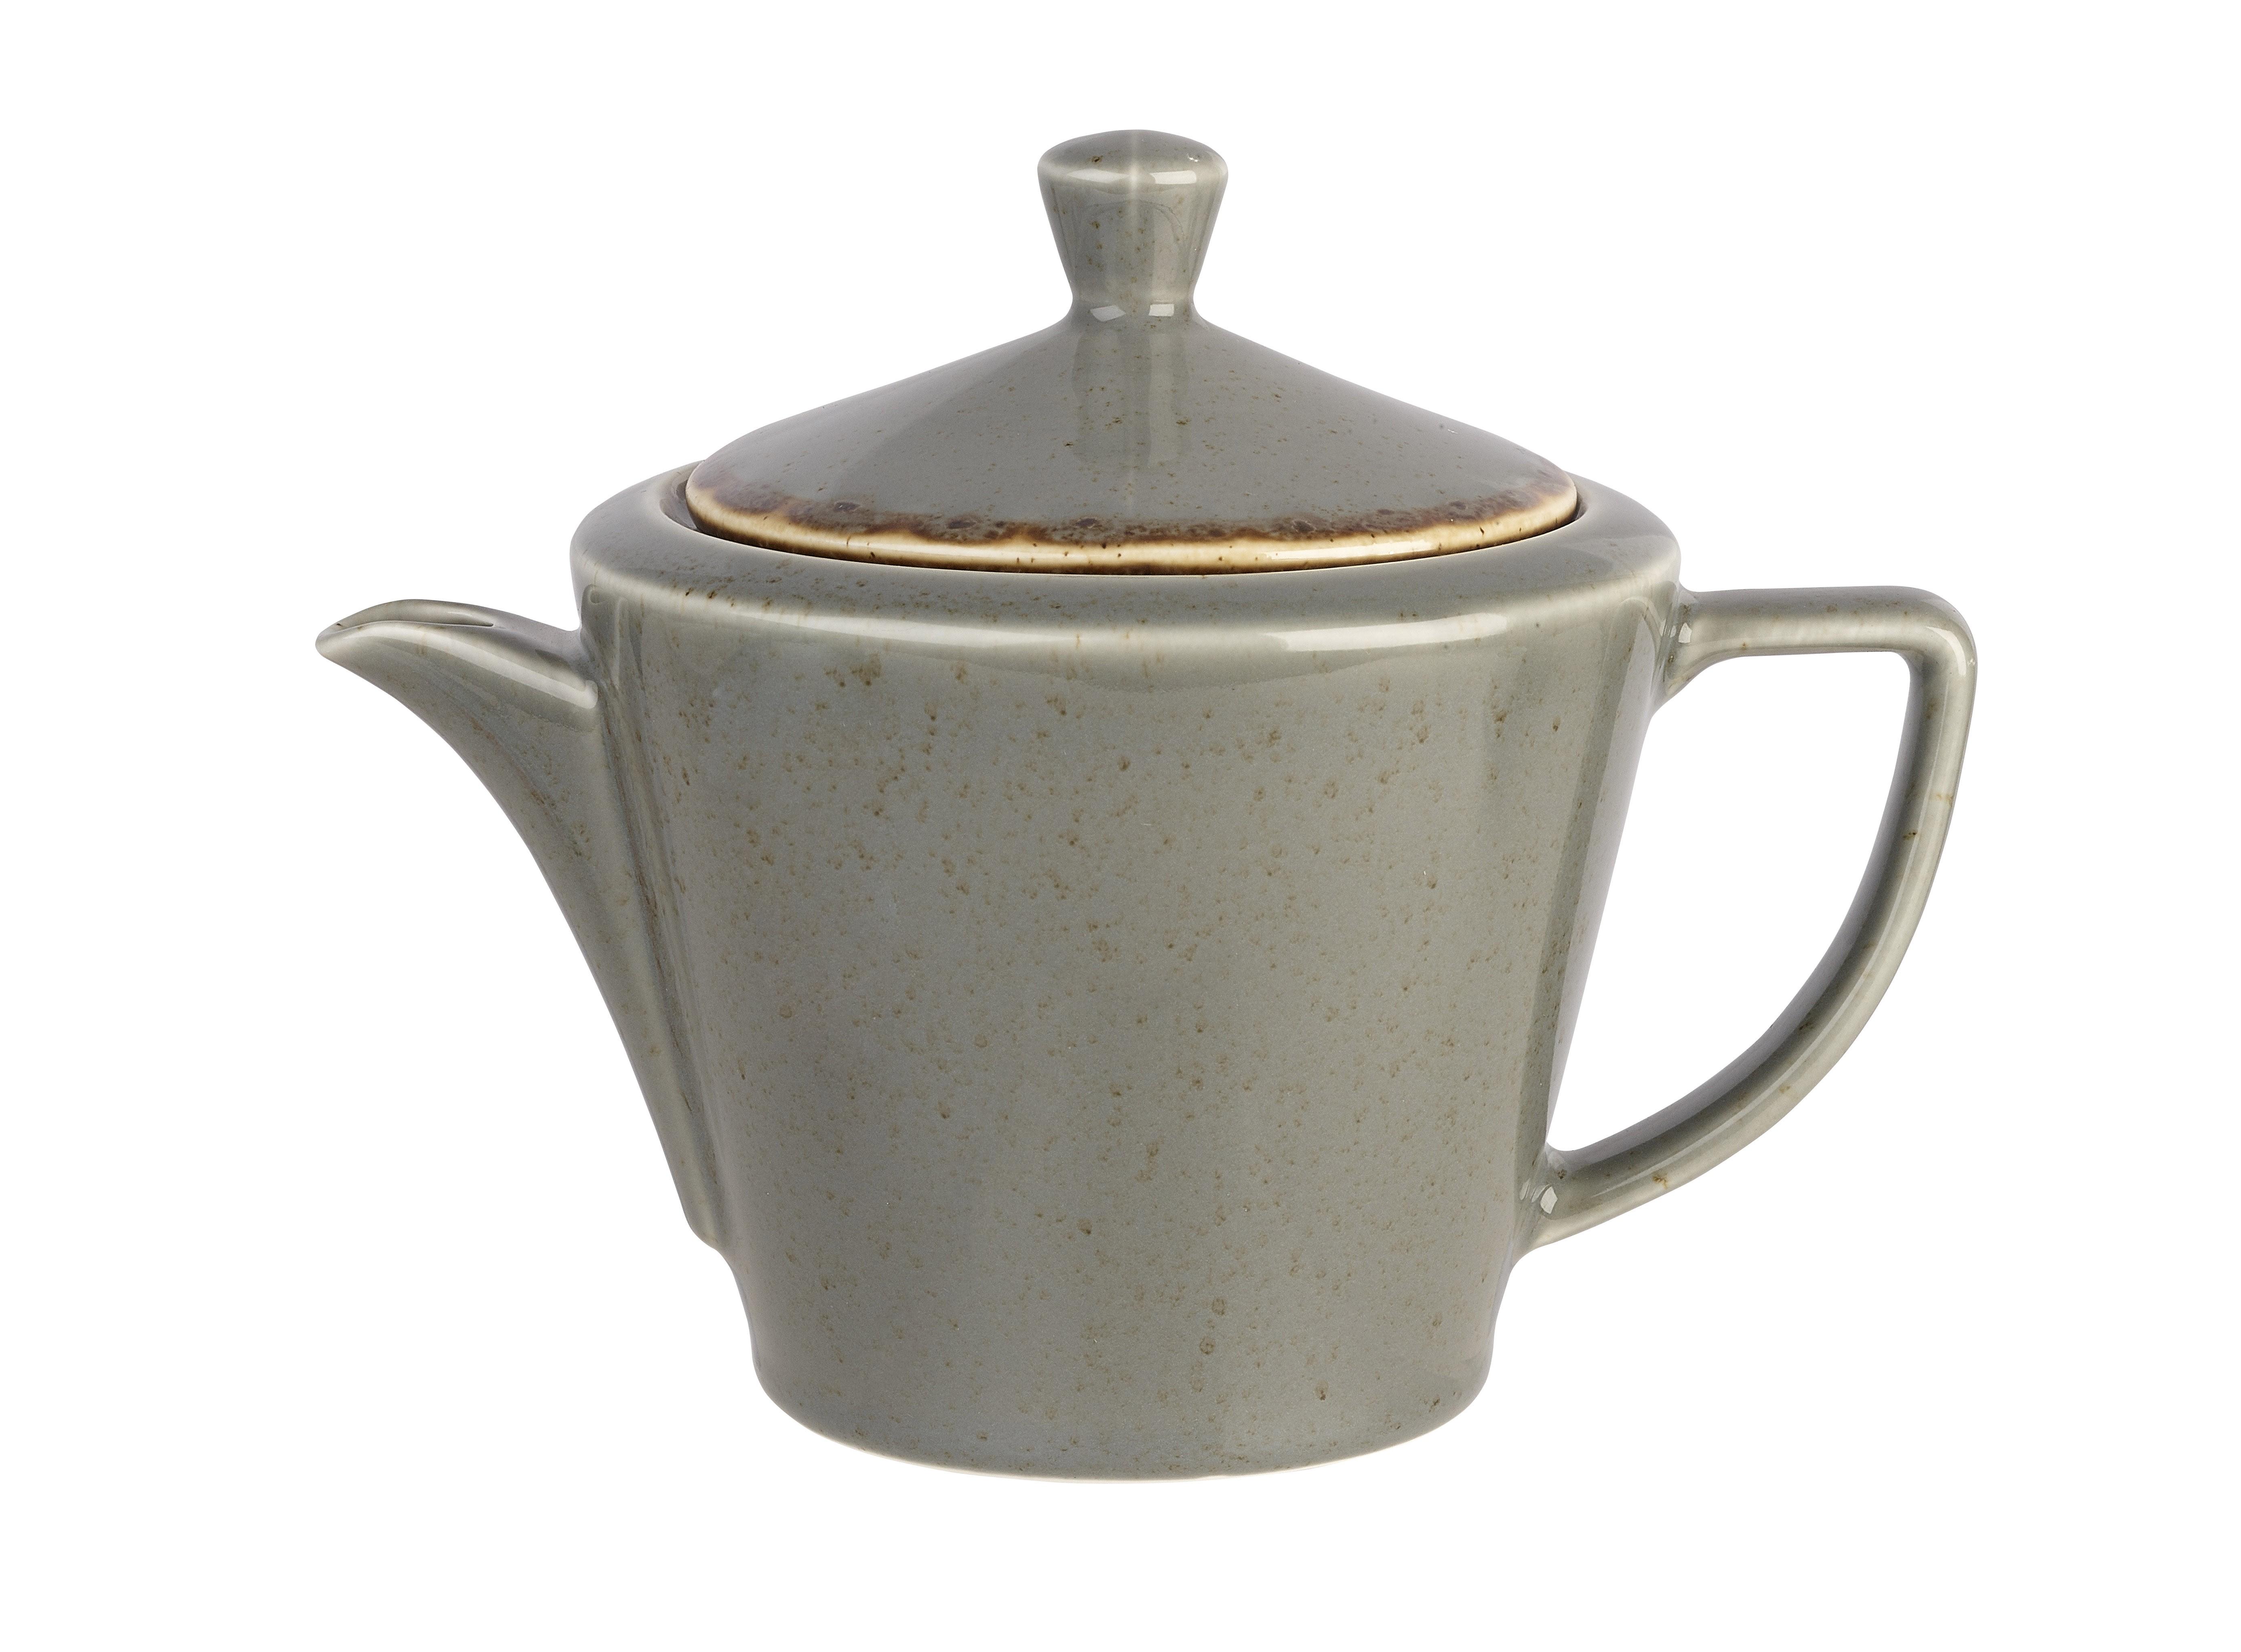 Tormenta repuesto tapa del pote del té